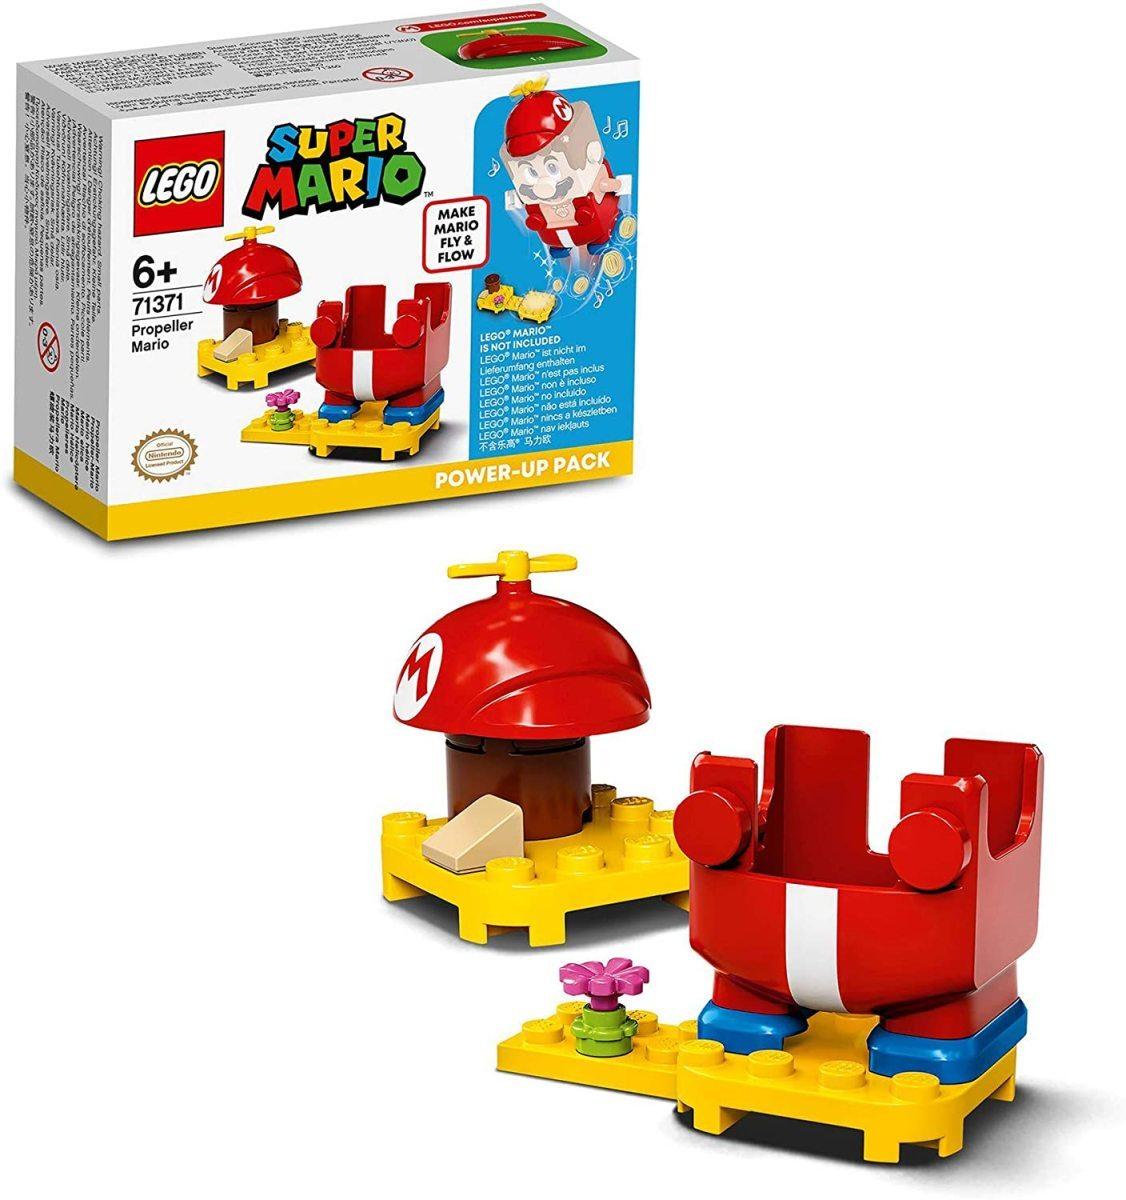 レゴ スーパーマリオ 71371 プロペラマリオ パワーアップ パック LEGO Super Mario_画像1